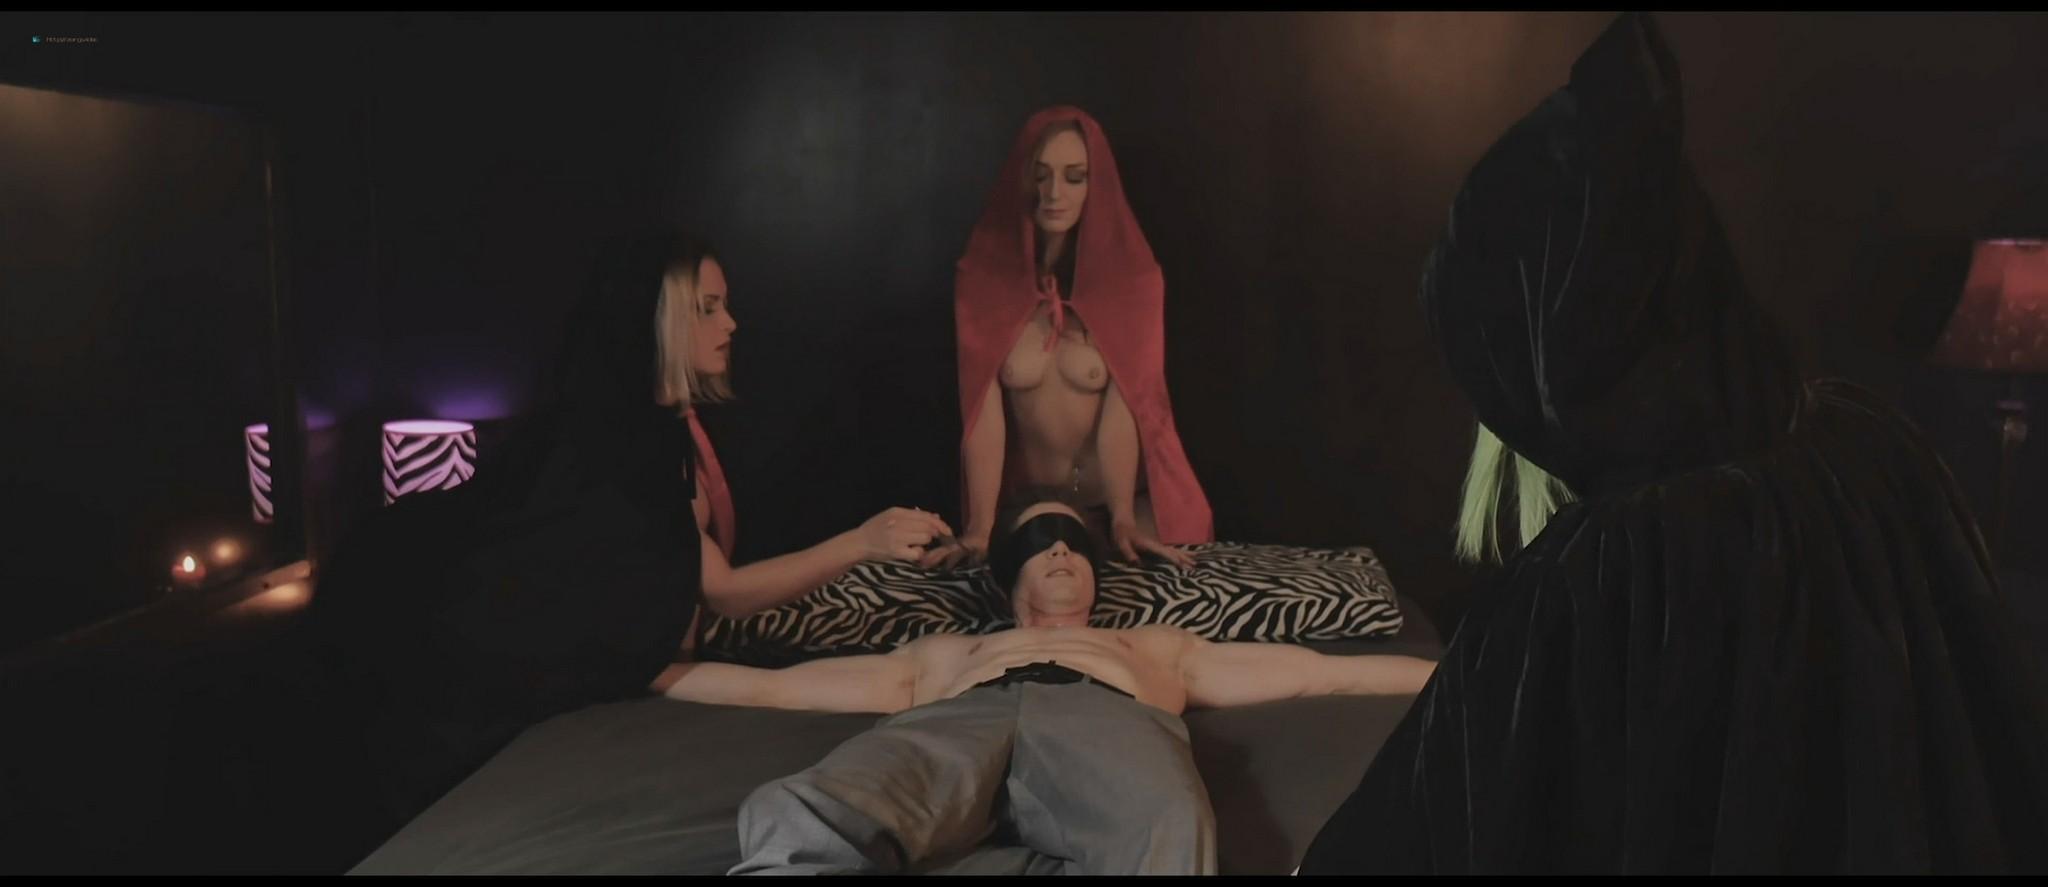 Sablique nude Fae D'Cay, Lauren Fogle nude topless - Scare Me (2016) HD 1080p Web (8)